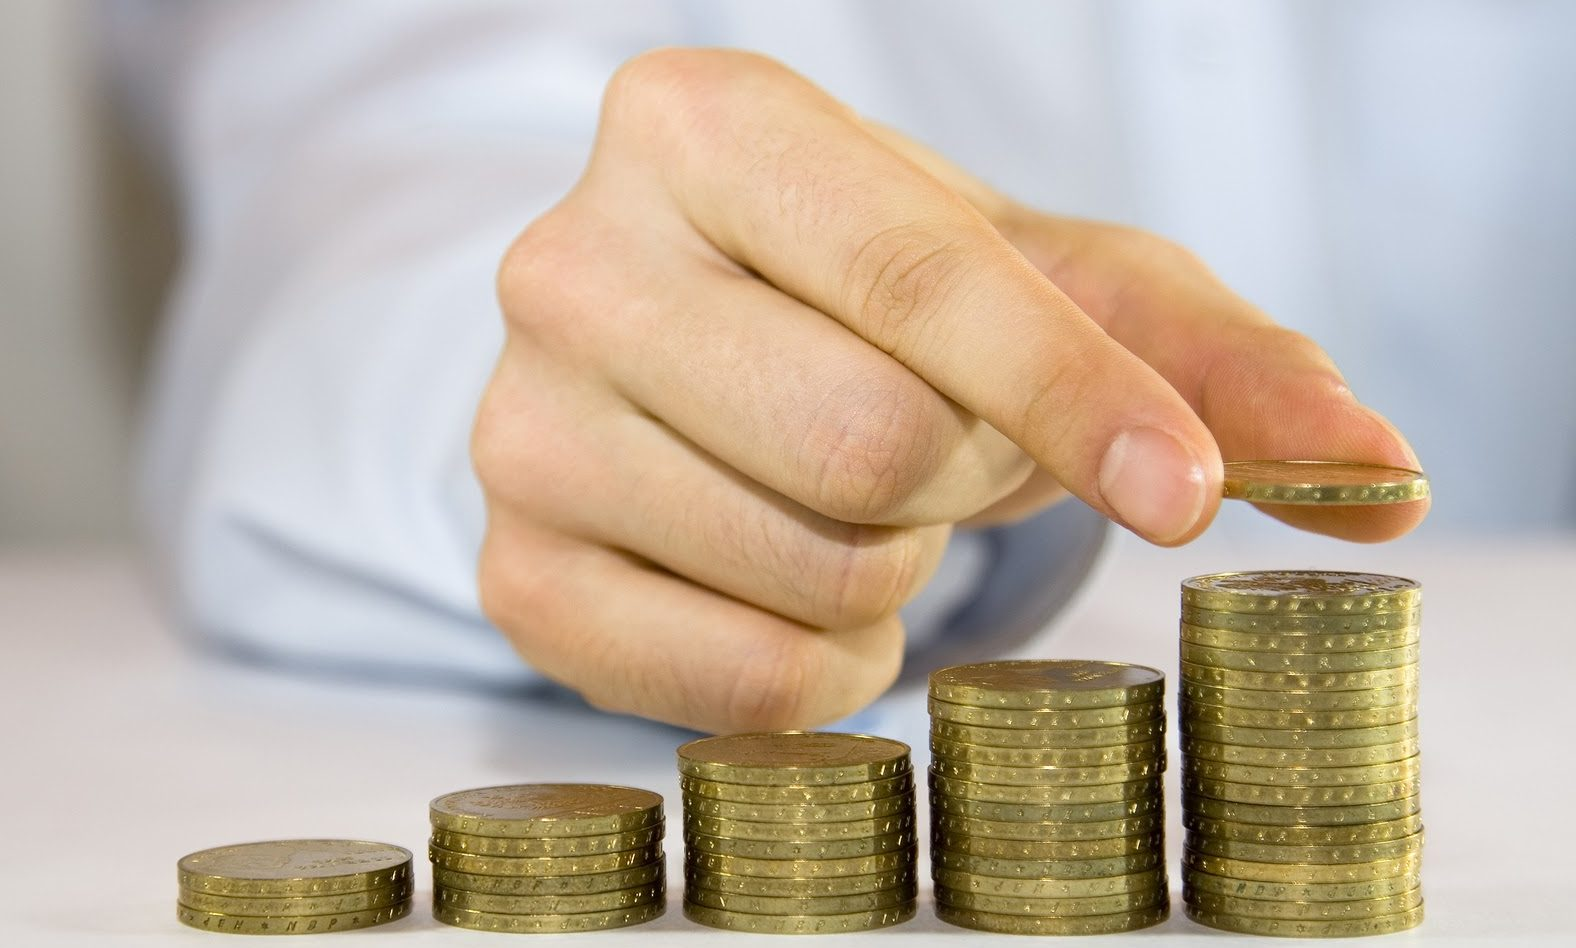 hol lehet pénzt keresni pénzátutalásokkal bináris opciós kereskedők stratégiái